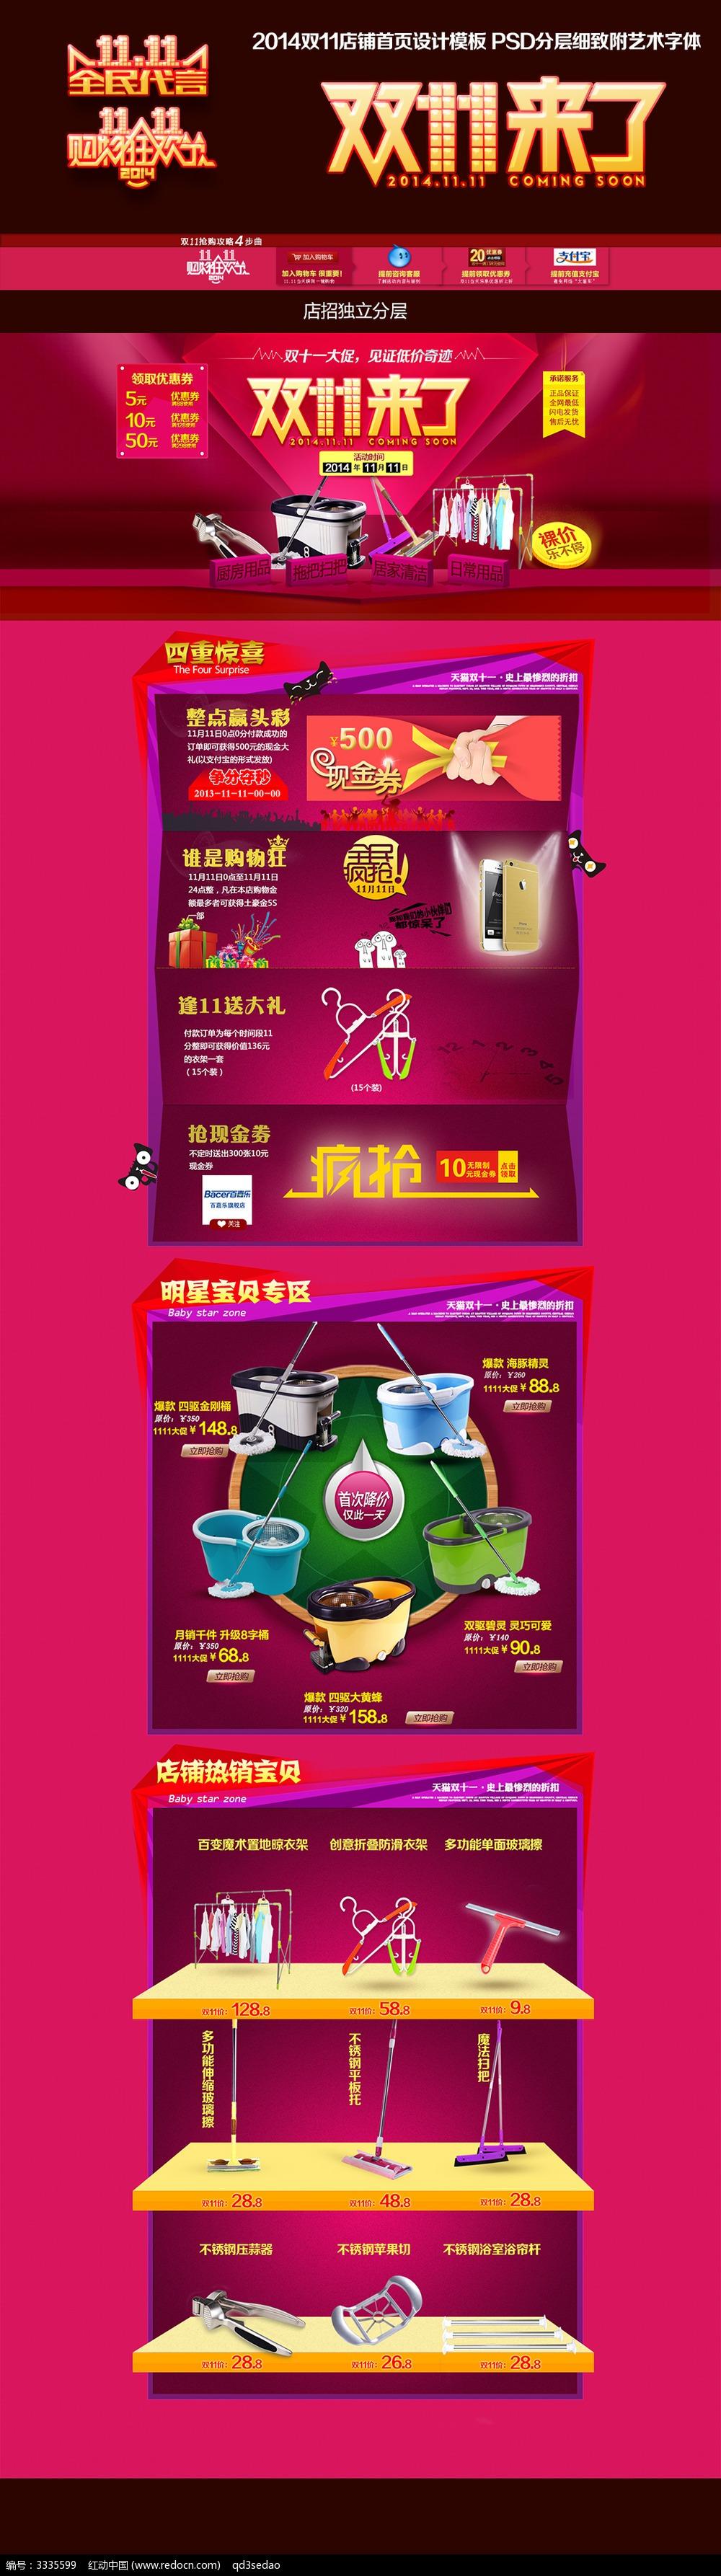 双11洁具洗涤用品店铺首页设计模板图片图片